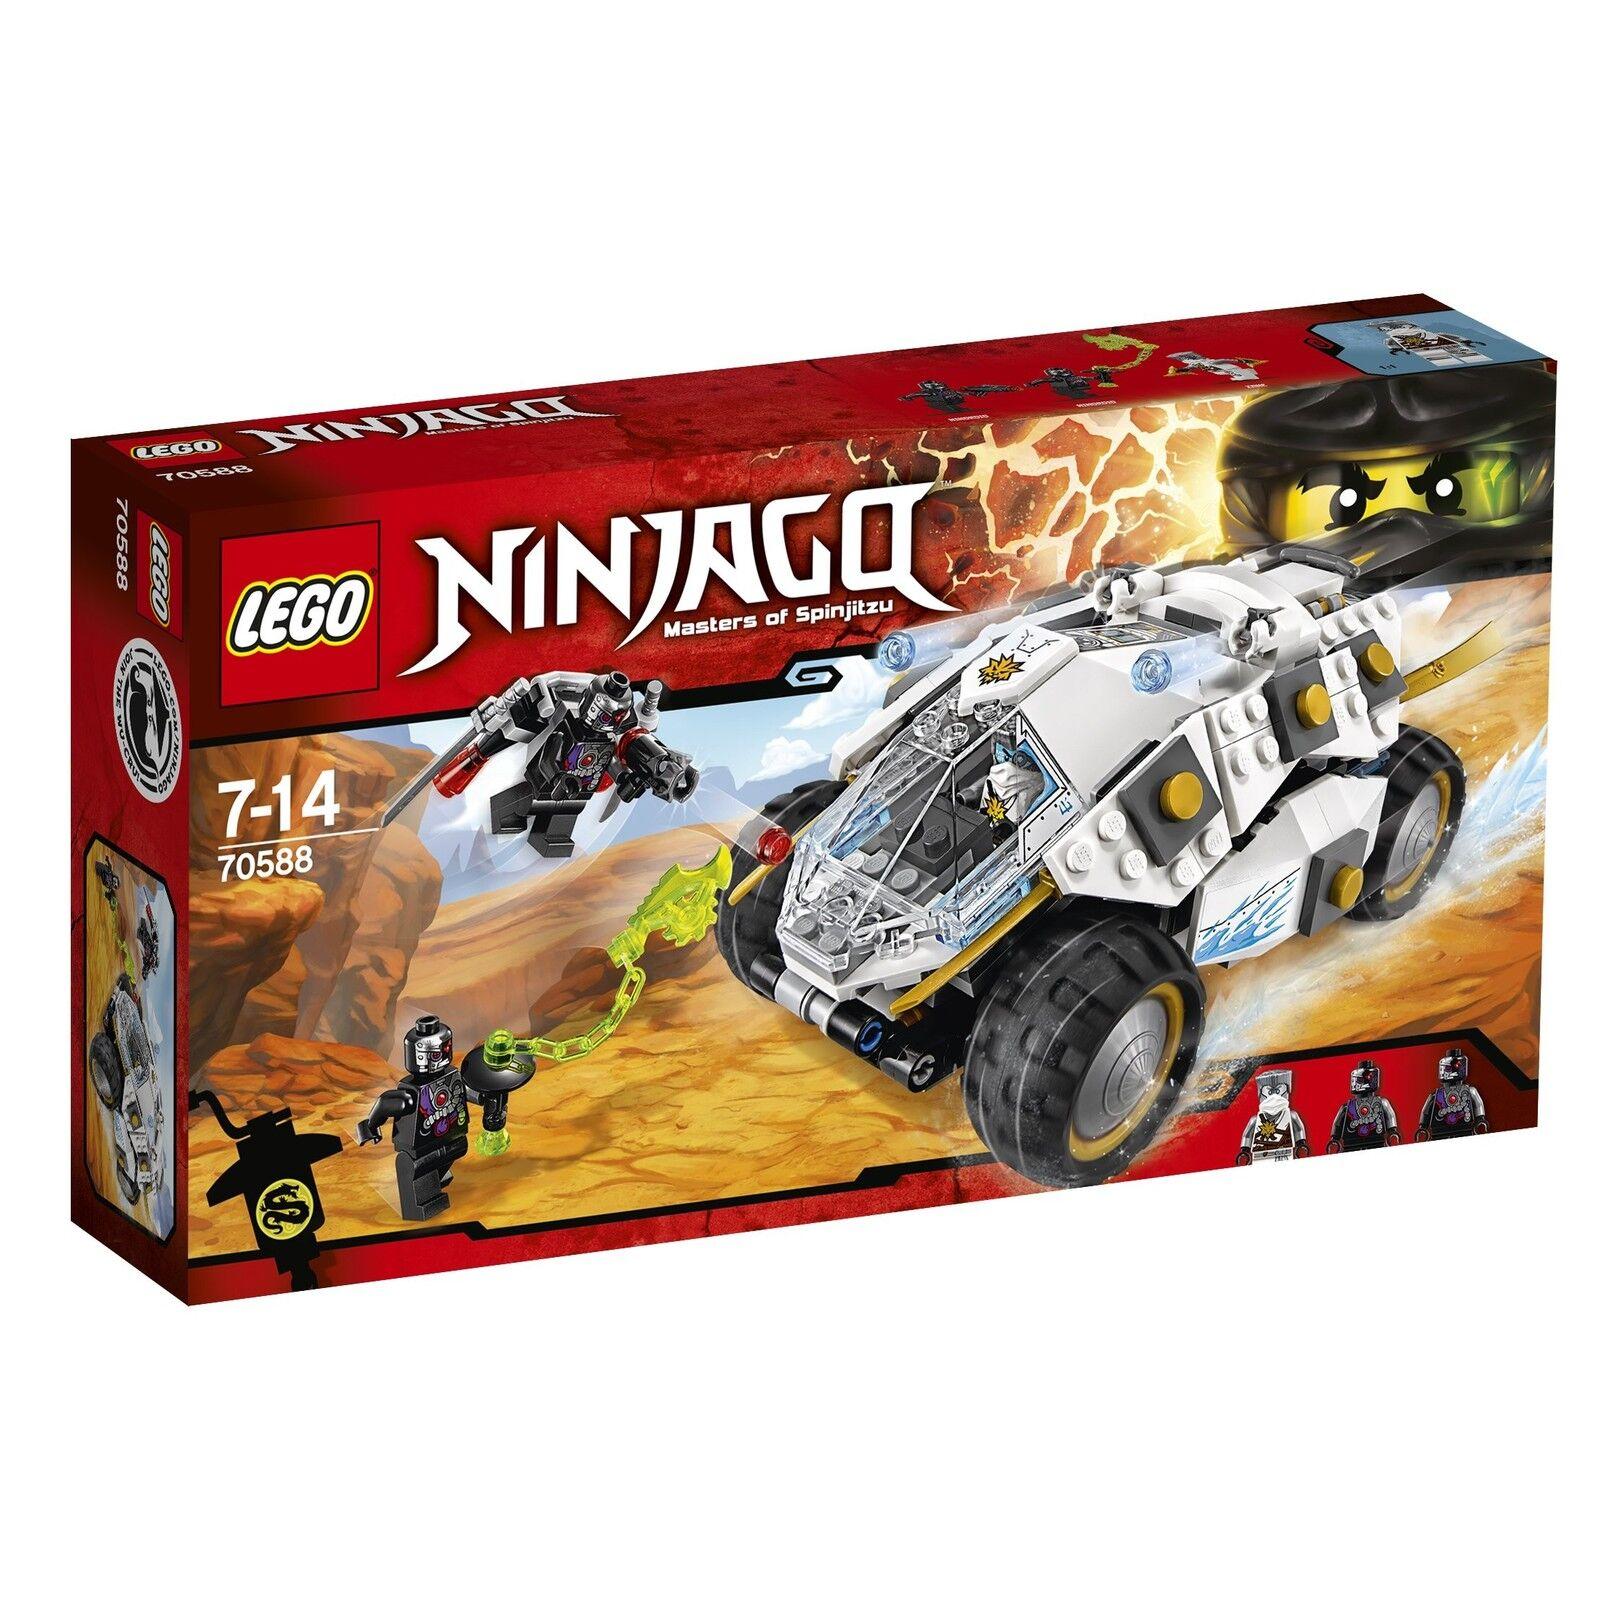 Lego 70588 Ninjago Ninja De Titanio Conjunto de Construcción Construcción Construcción de vaso  auténtico